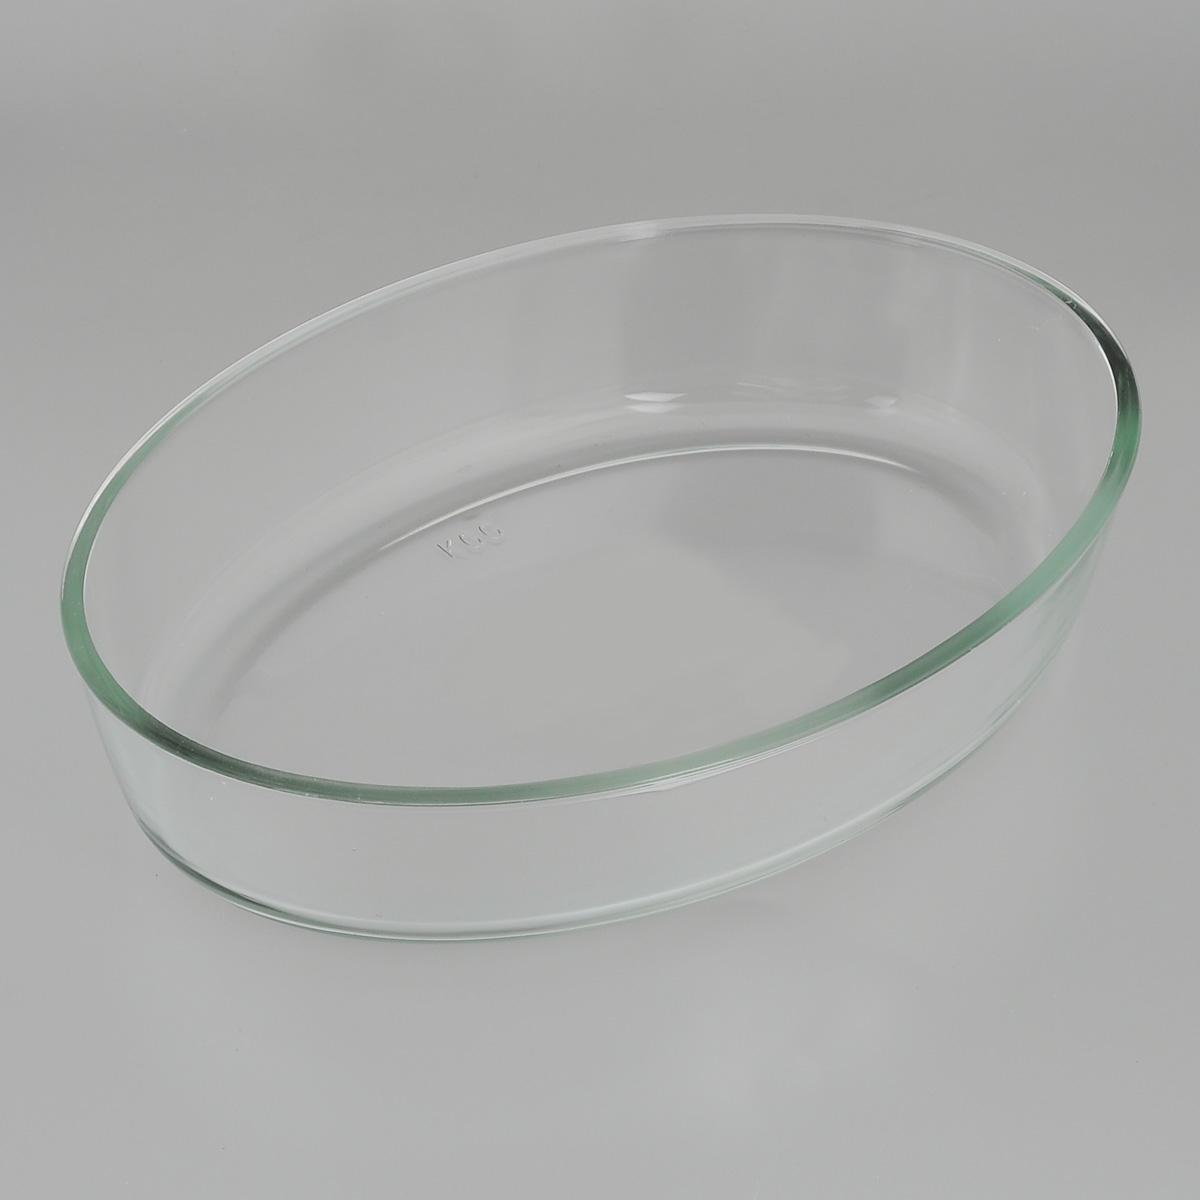 Форма для запекания Mijotex, овальная, 26 см х 18 смPL12Овальная форма для запекания Mijotex изготовлена из жаропрочного стекла, которое выдерживает температуру до +450°С. Форма предназначена для приготовления горячих блюд. Материал изделия гигиеничен, прост в уходе и обладает высокой степенью прочности. Форма идеально подходит для использования в духовках, микроволновых печах, холодильниках и морозильных камерах. Также ее можно использовать на газовых плитах (на слабом огне) и на электроплитах. Можно мыть в посудомоечной машине. Размер формы (по верхнему краю): 26 см х 18 см. Высота стенки формы: 6 см.